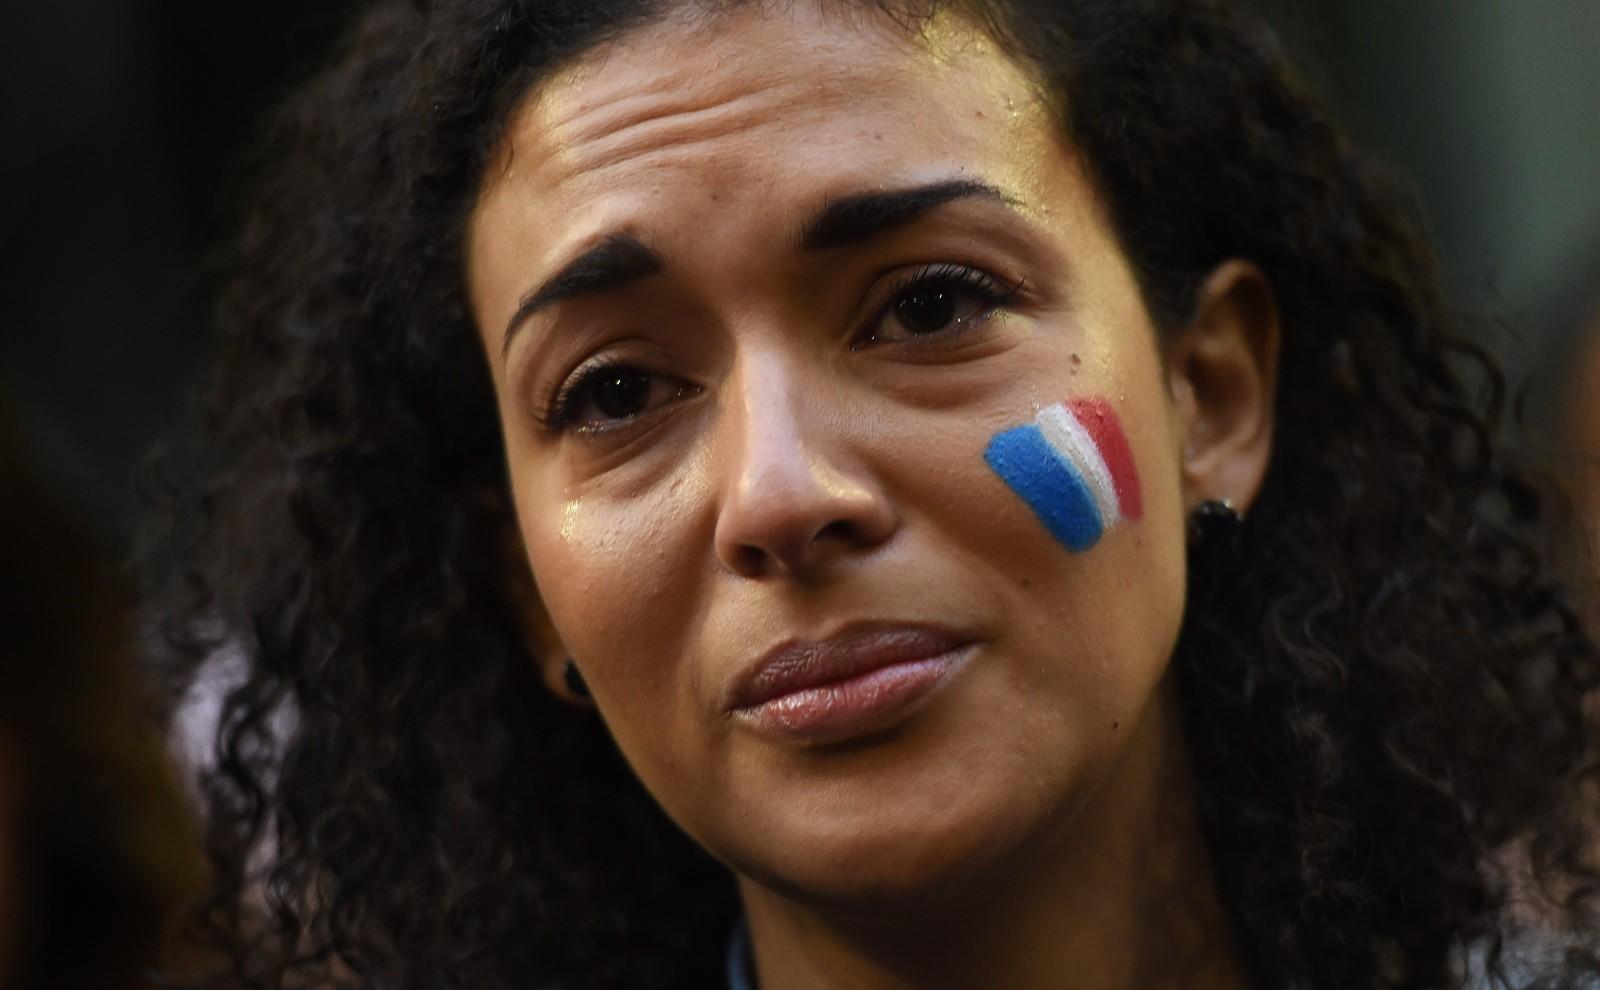 En kvinne i Sydney uttrykket sorg over de tragiske hendelsene i Paris.